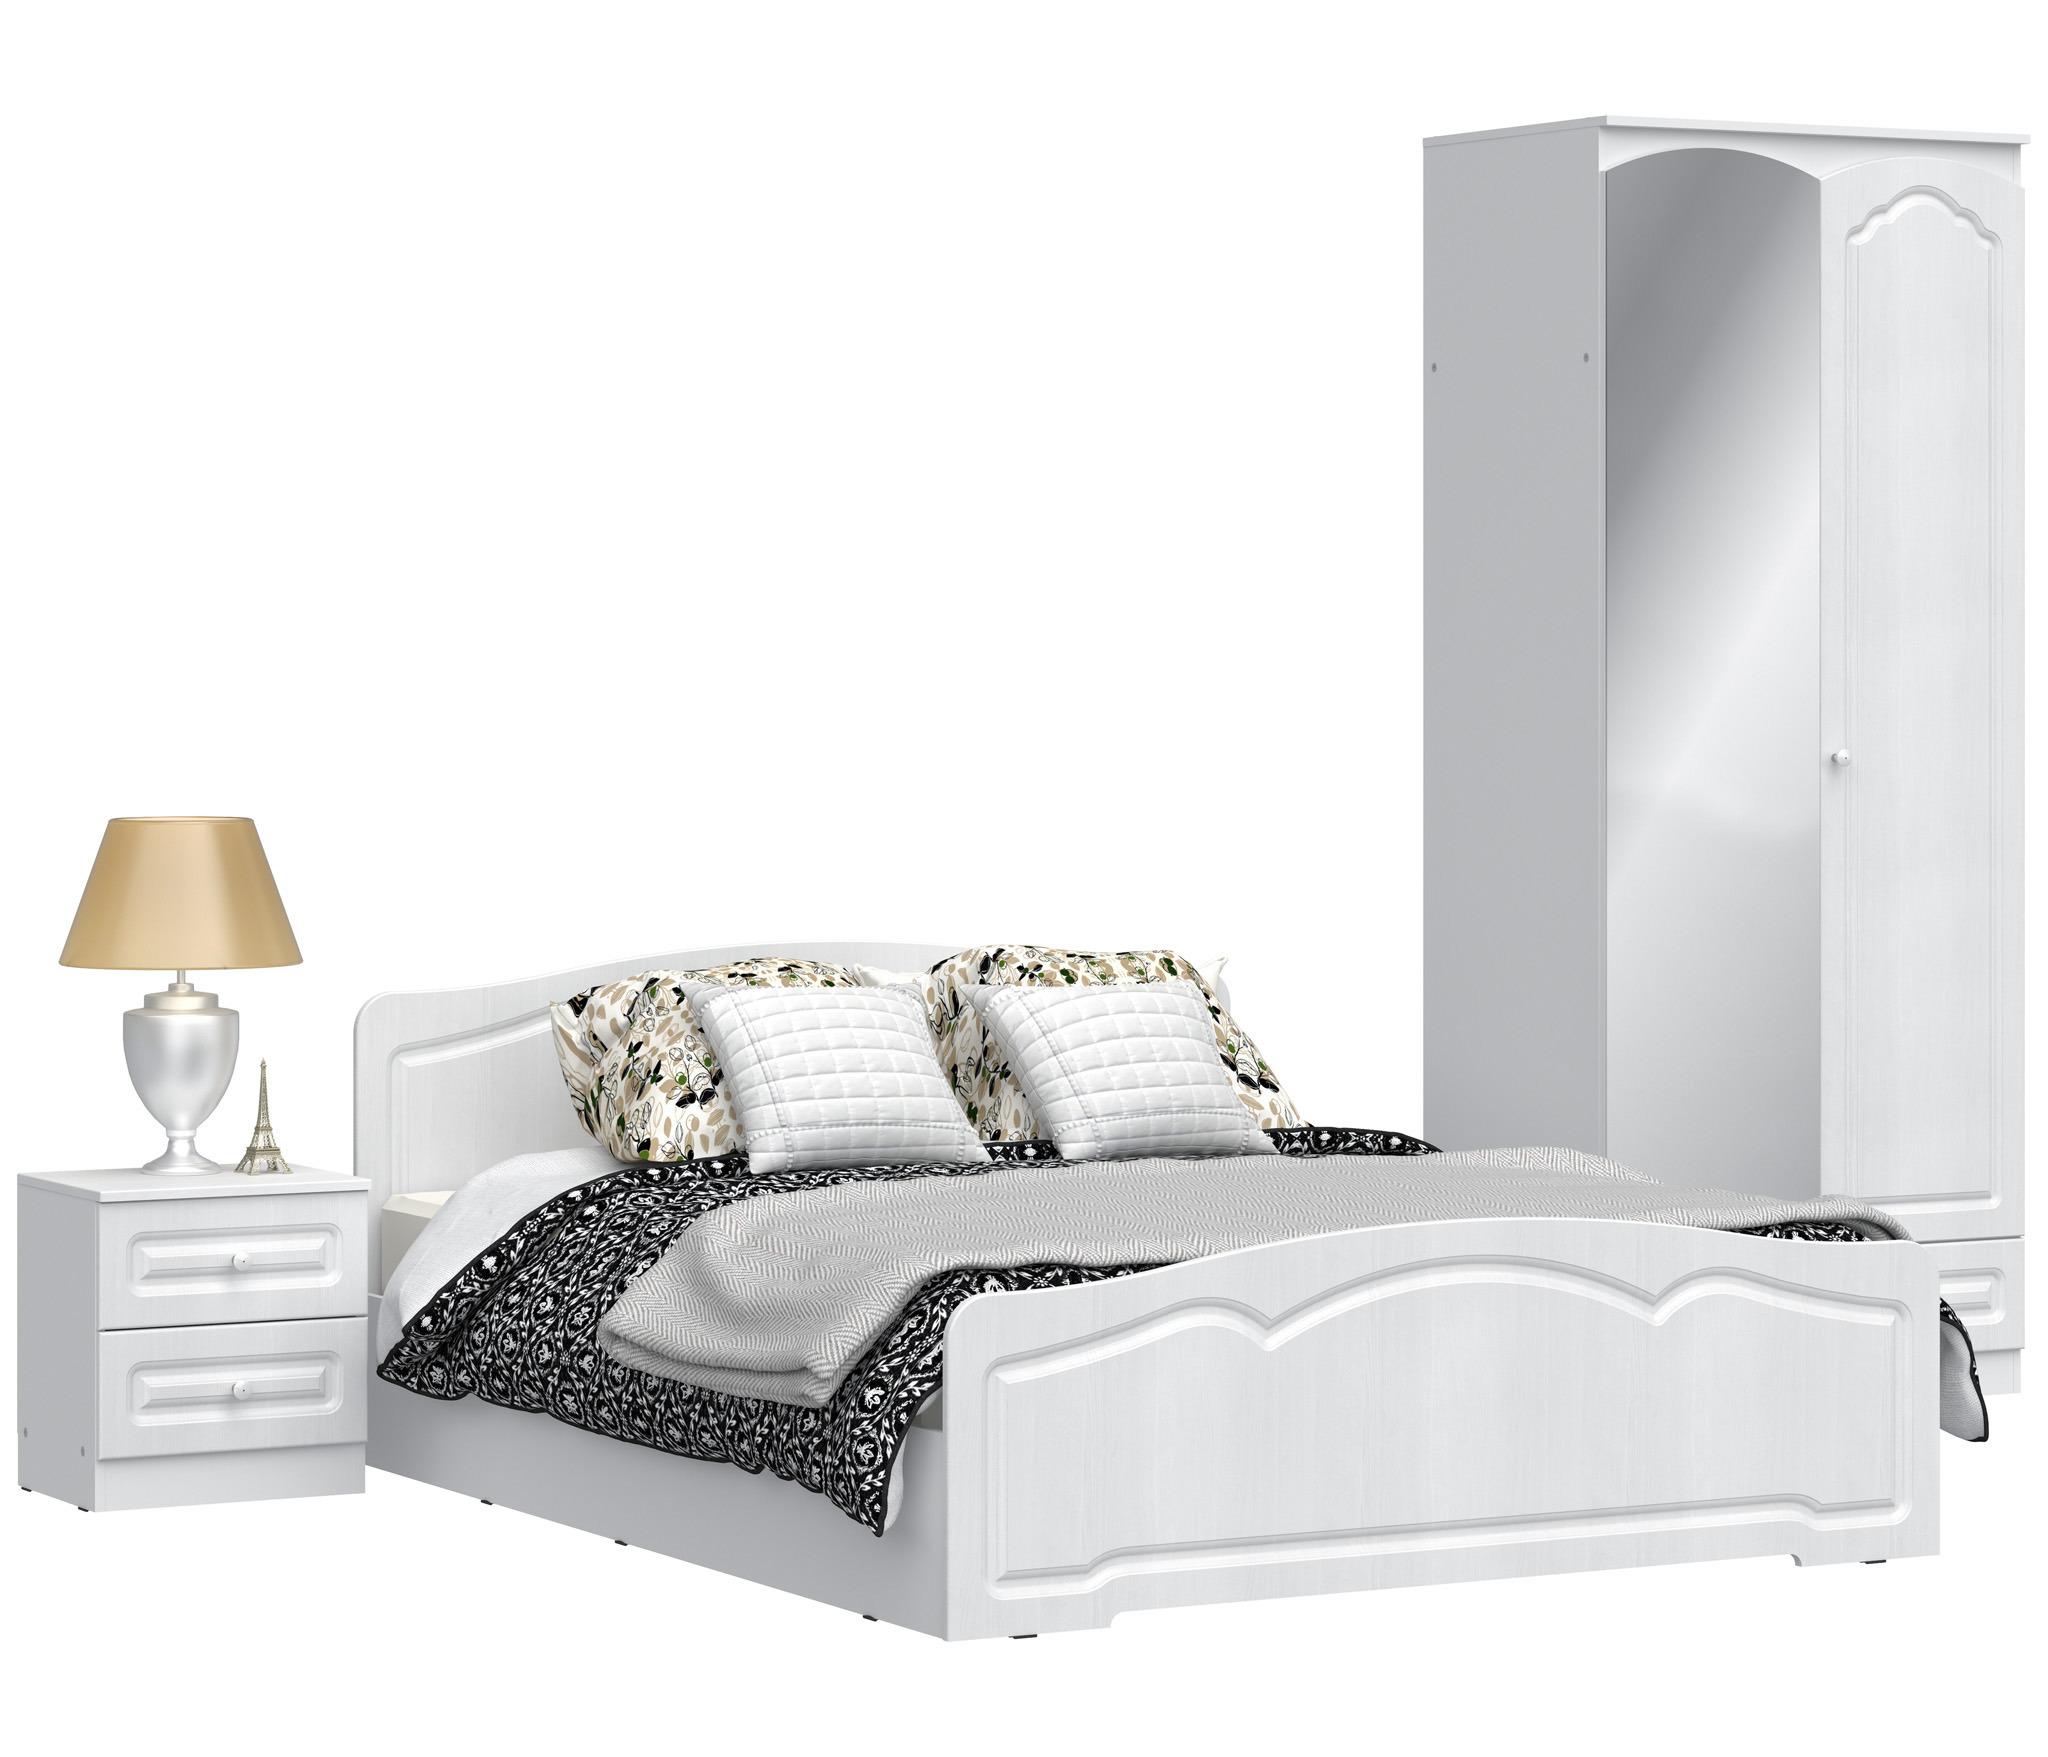 Столплит амалия спальня (шкаф 2-х дверный,кровать,тумба) от .